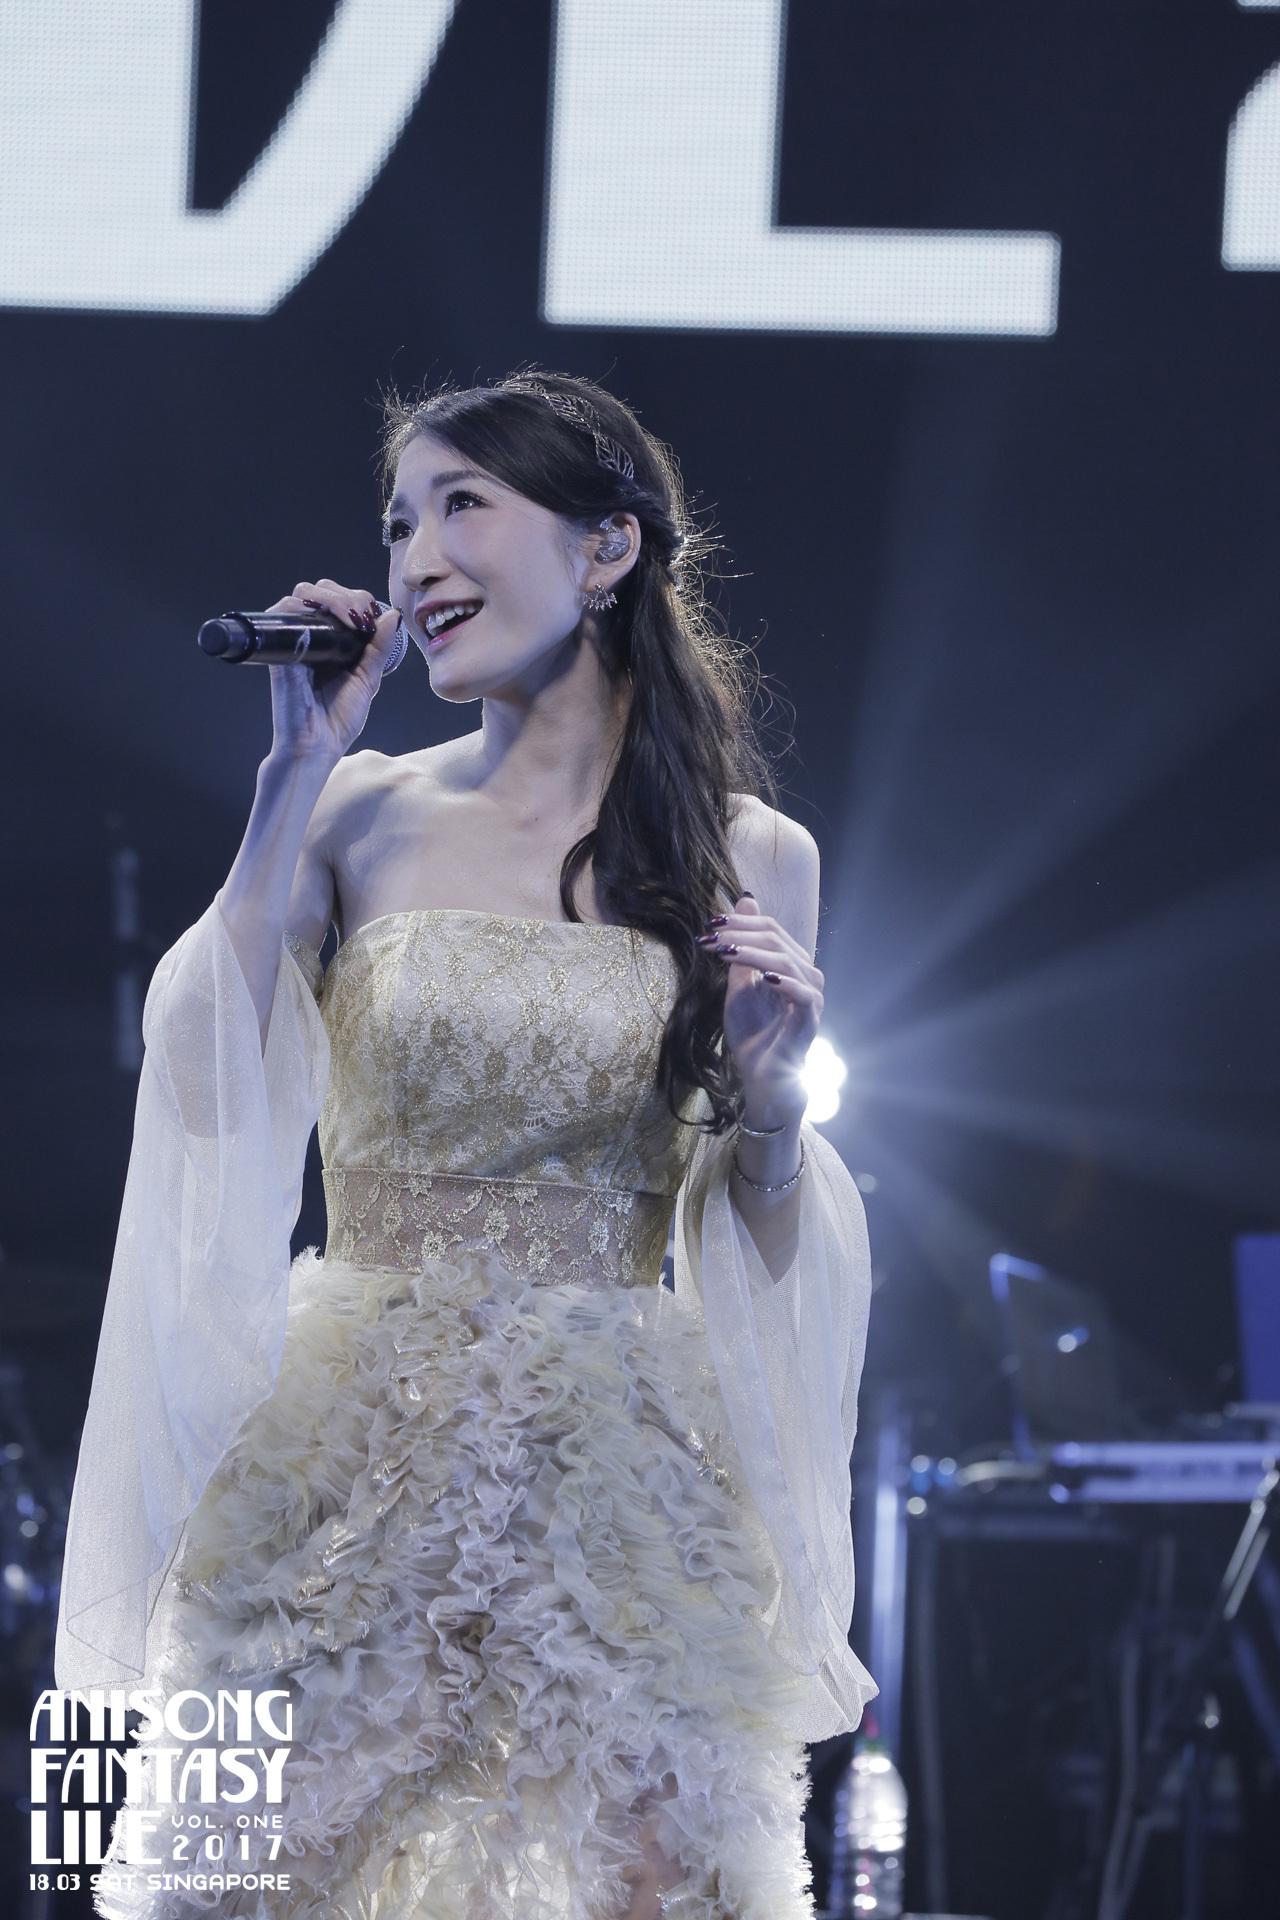 elisa anisong fantasy live 2017 singapore